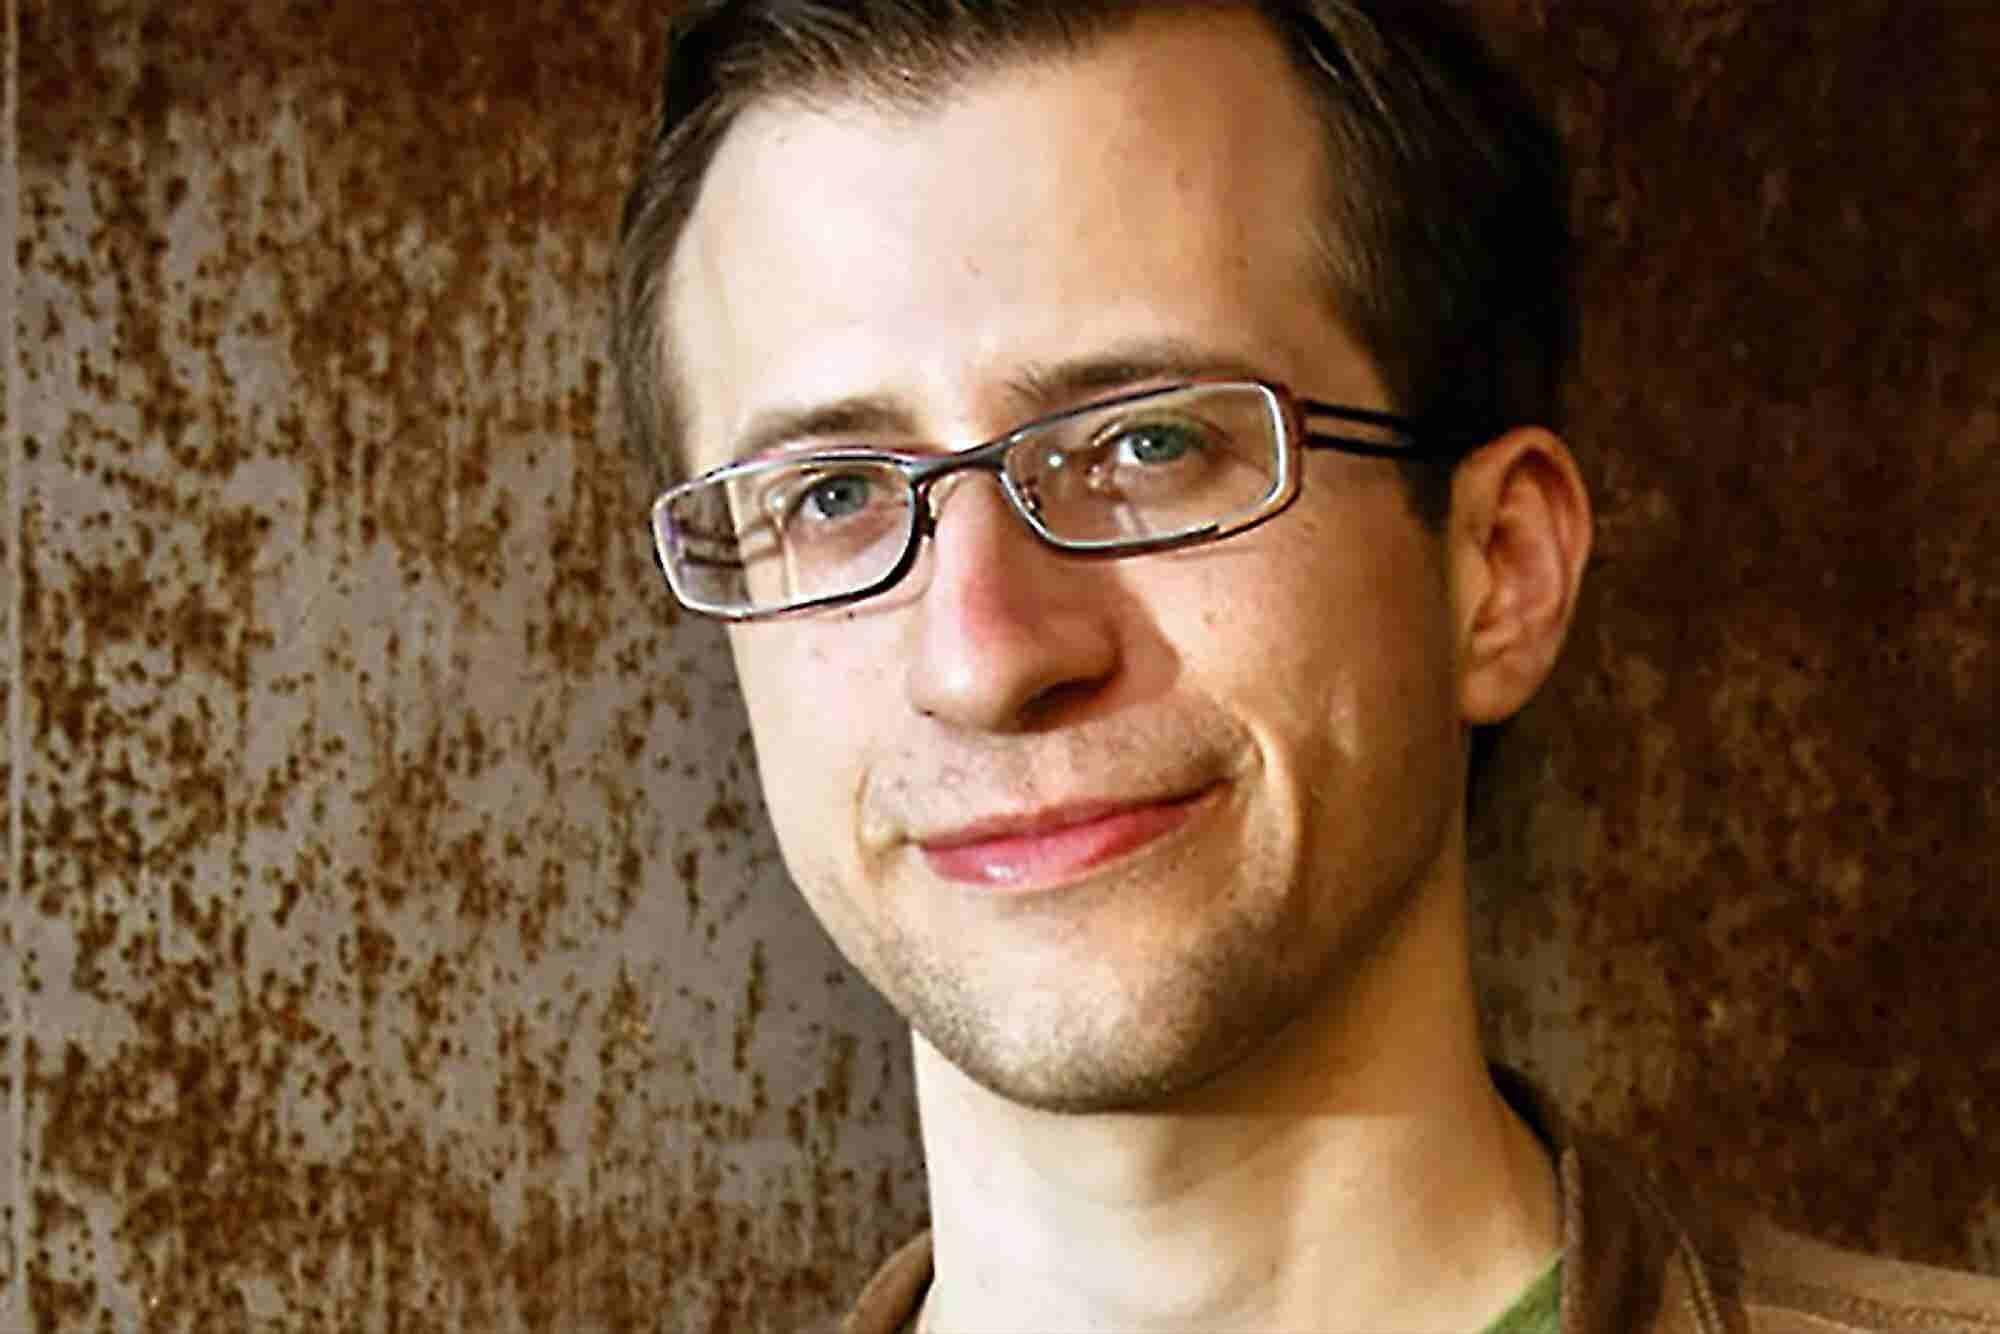 Jon Lech Johansen (a.k.a. 'DVD-Jon') on Starting Up as a Self-Taught E...